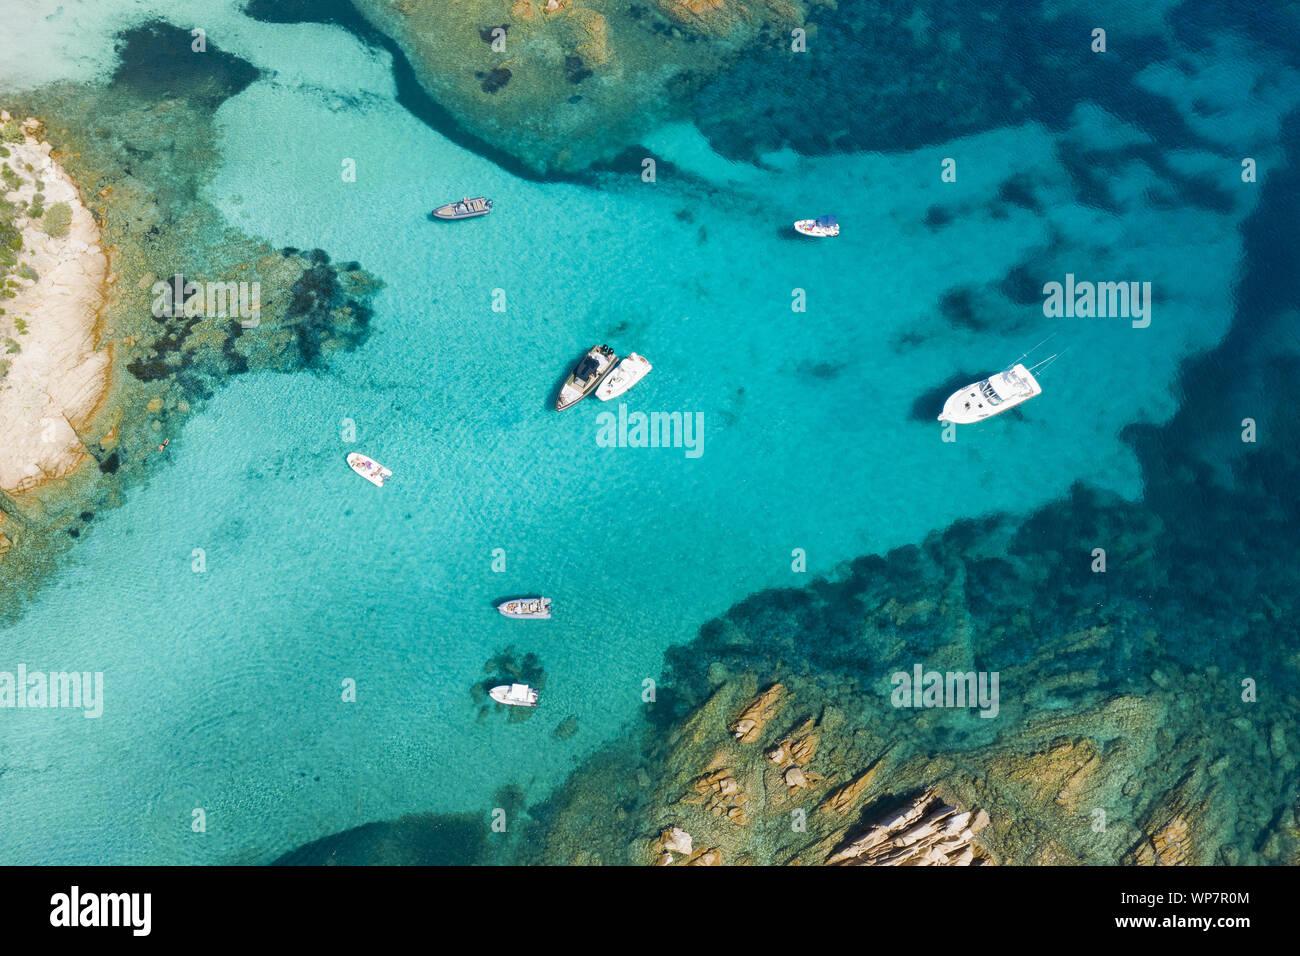 Vista desde arriba, la impresionante vista aérea de algunos barcos y yates de lujo flotando sobre un agua de color turquesa. Parque Nacional Archipiélago de Maddalena, en Cerdeña. Foto de stock